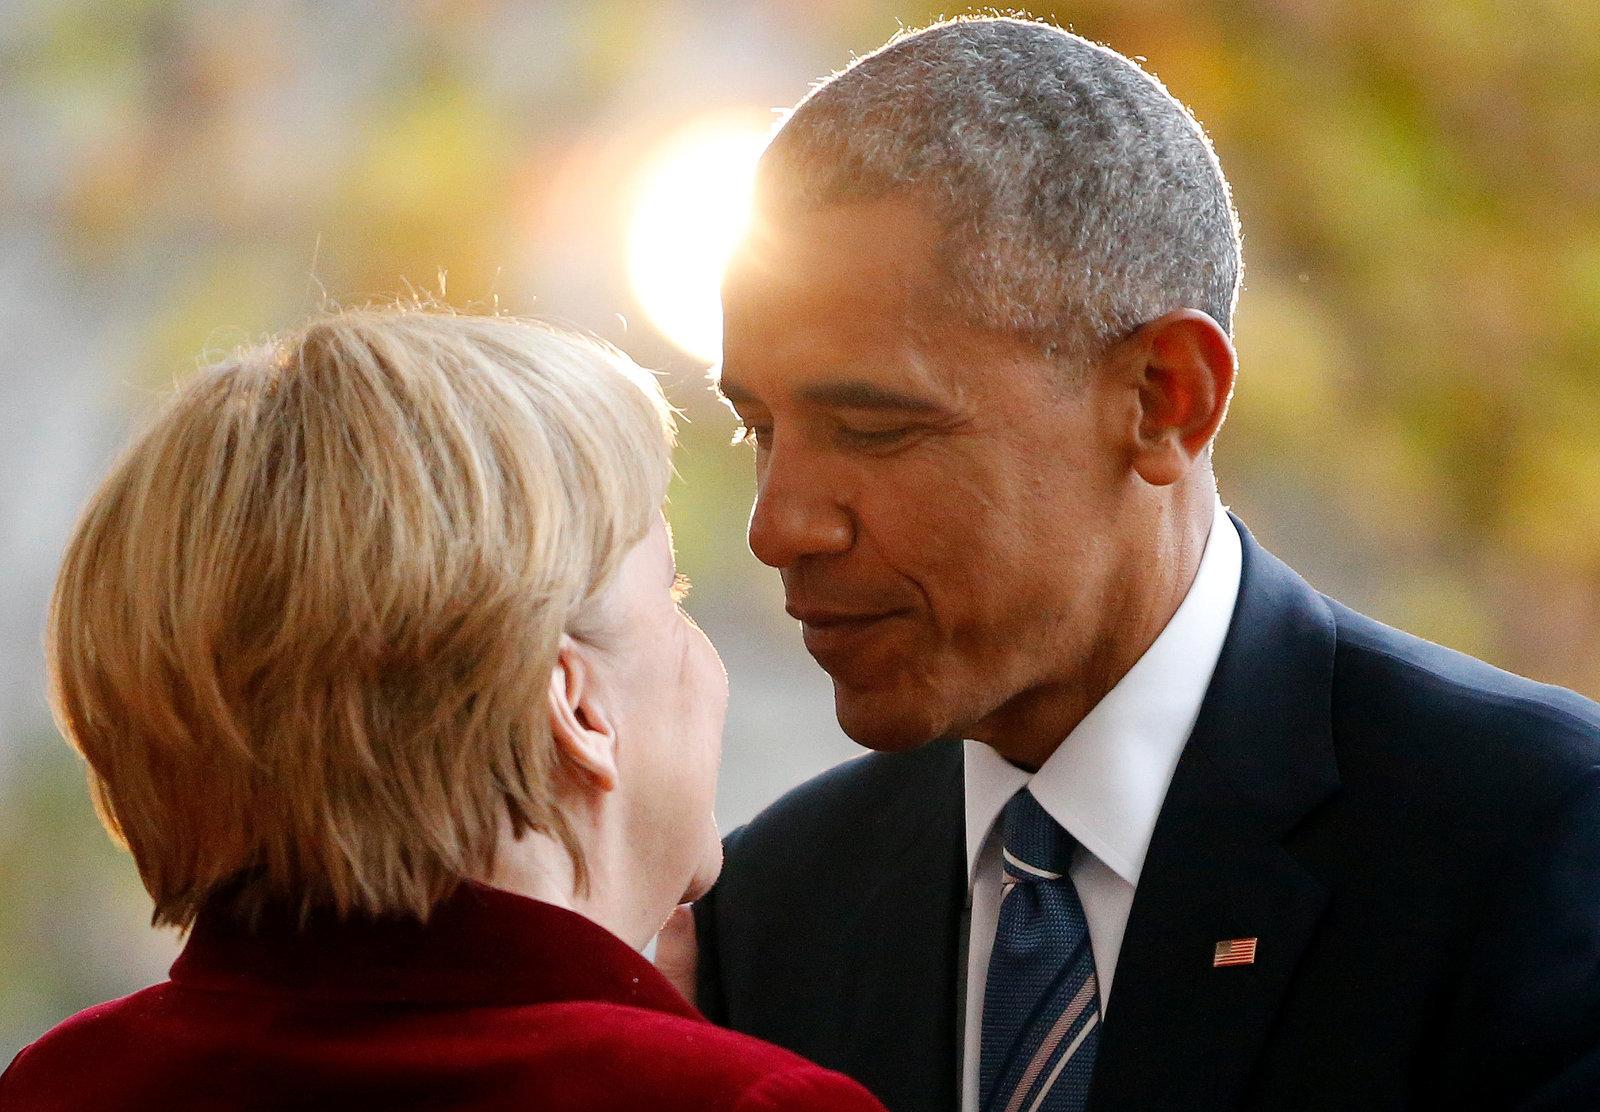 11 月 17 日,默克爾迎接到訪德國的奧巴馬。